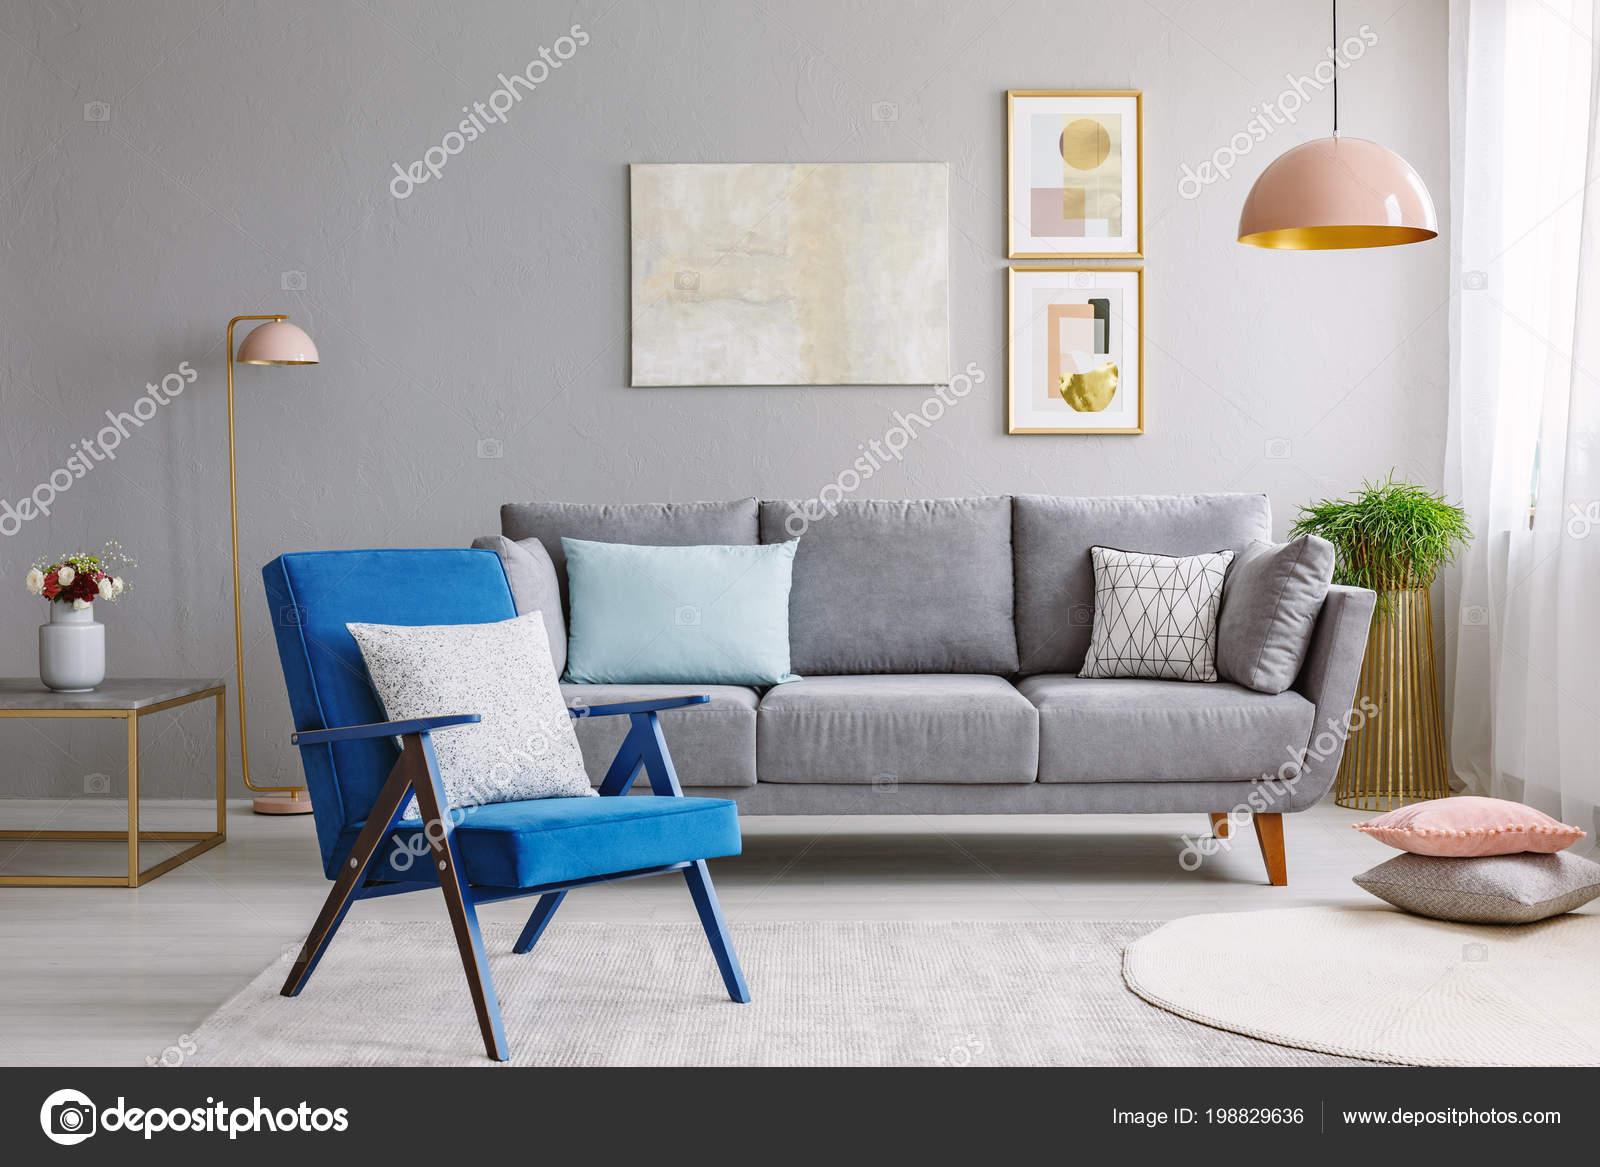 Blauer sessel der nähe von grauen sofa modernen wohnzimmer